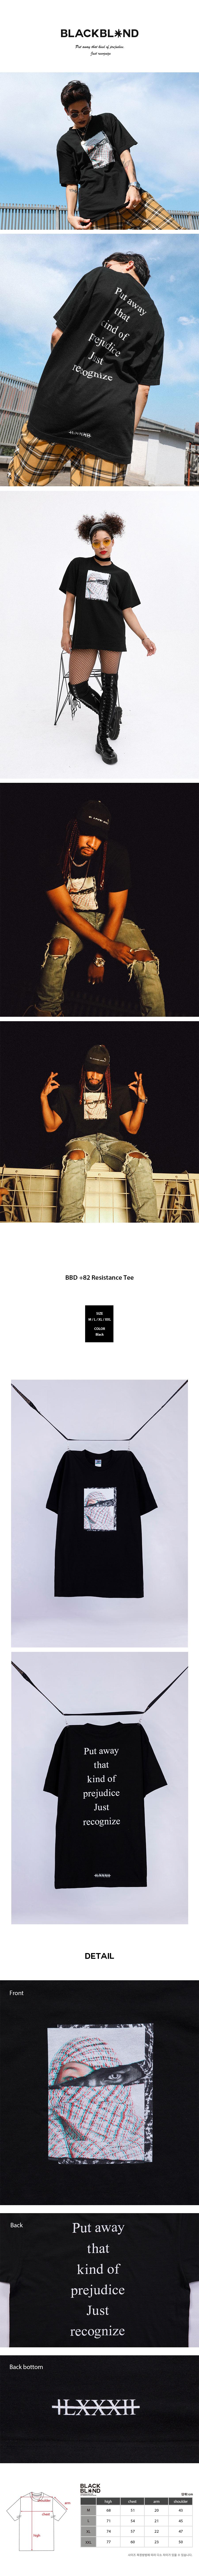 BBD-%2B82-Resistance-Tee-%28Black%29.jpg